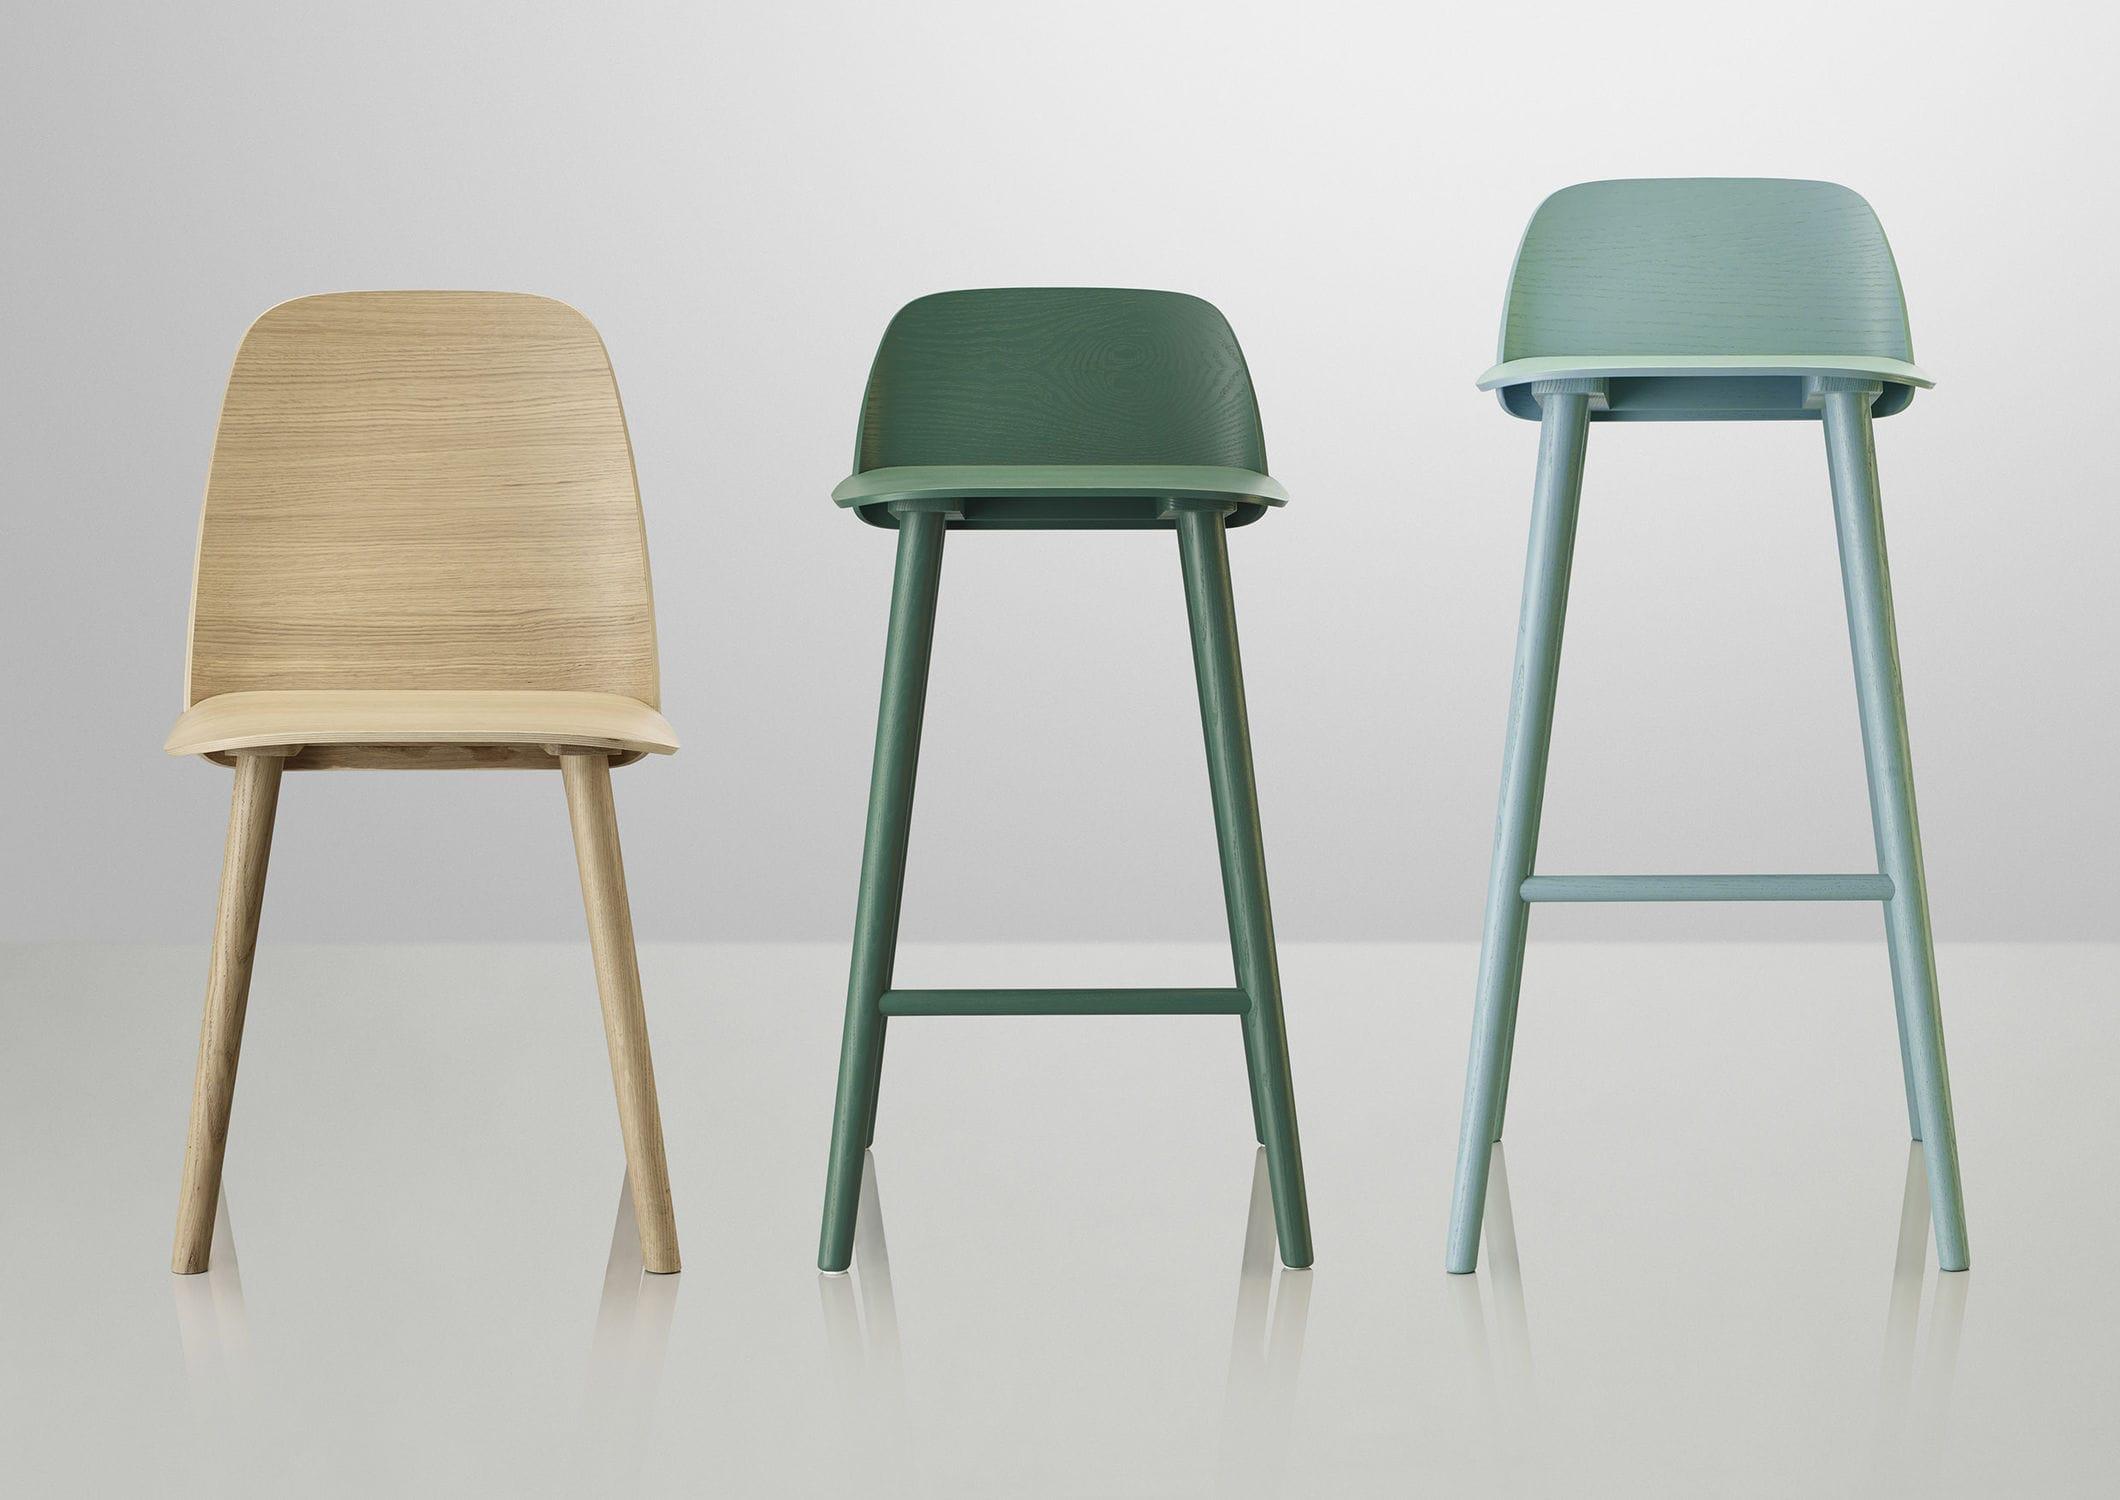 nerd chair muuto office chairs hanoi scandinavian design bar oak ash felt by david